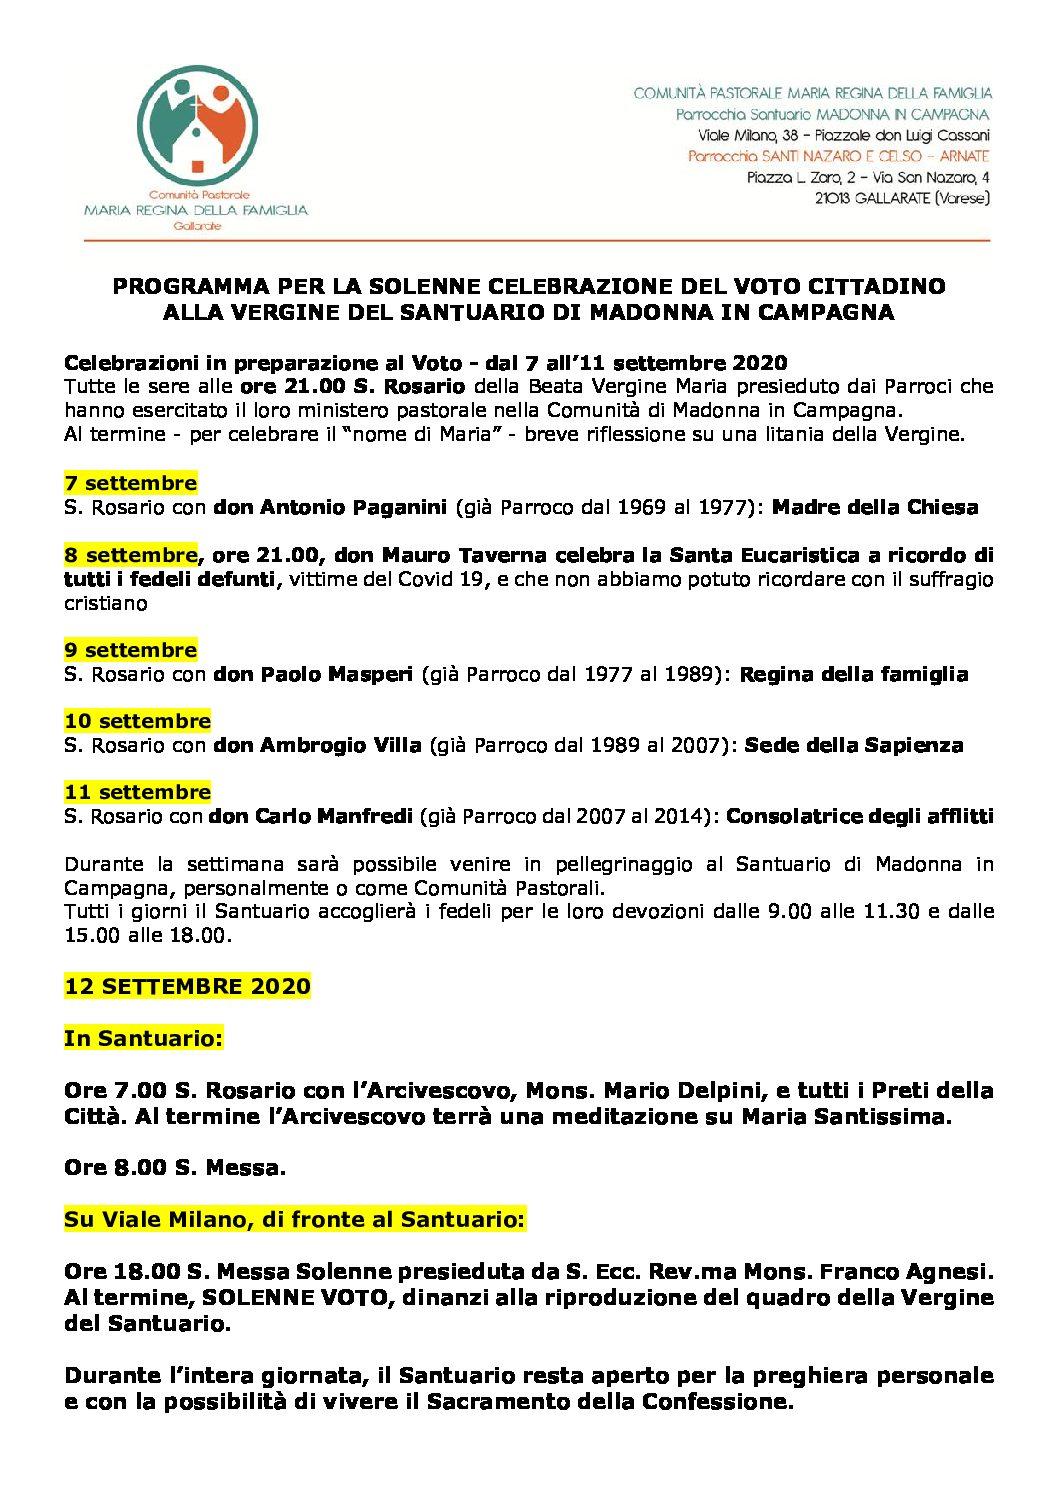 PROGRAMMA-PER-LA-SOLENNE-CELEBRAZIONE-DEL-VOTO-CITTADINO-1-pdf.jpg